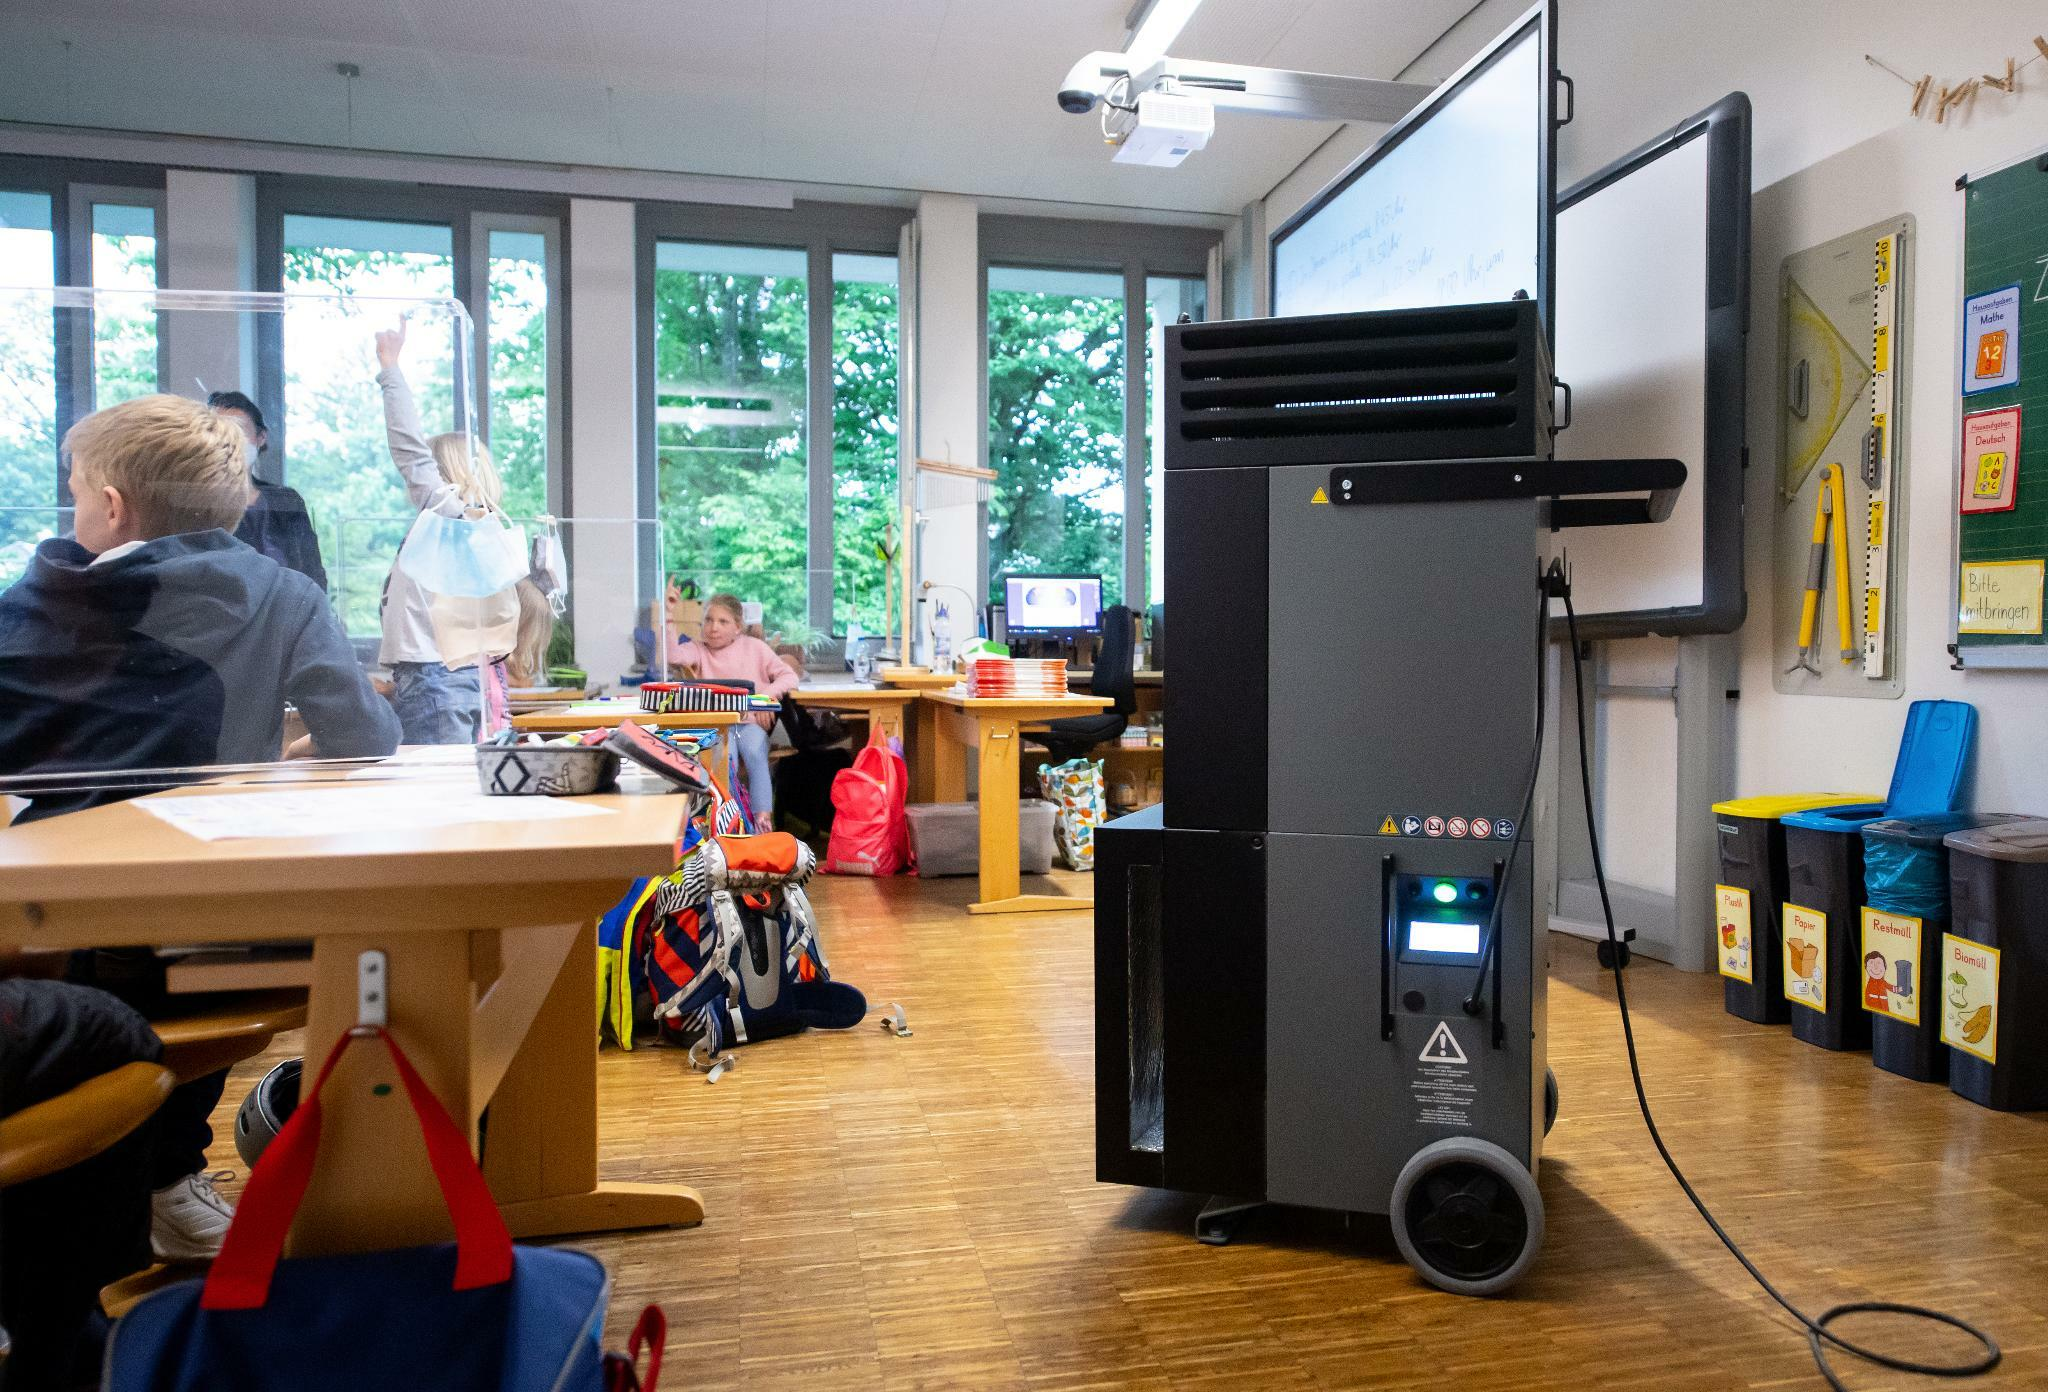 Corona Schulen erhalten 21 Millionen Euro für mobile Luftfilter